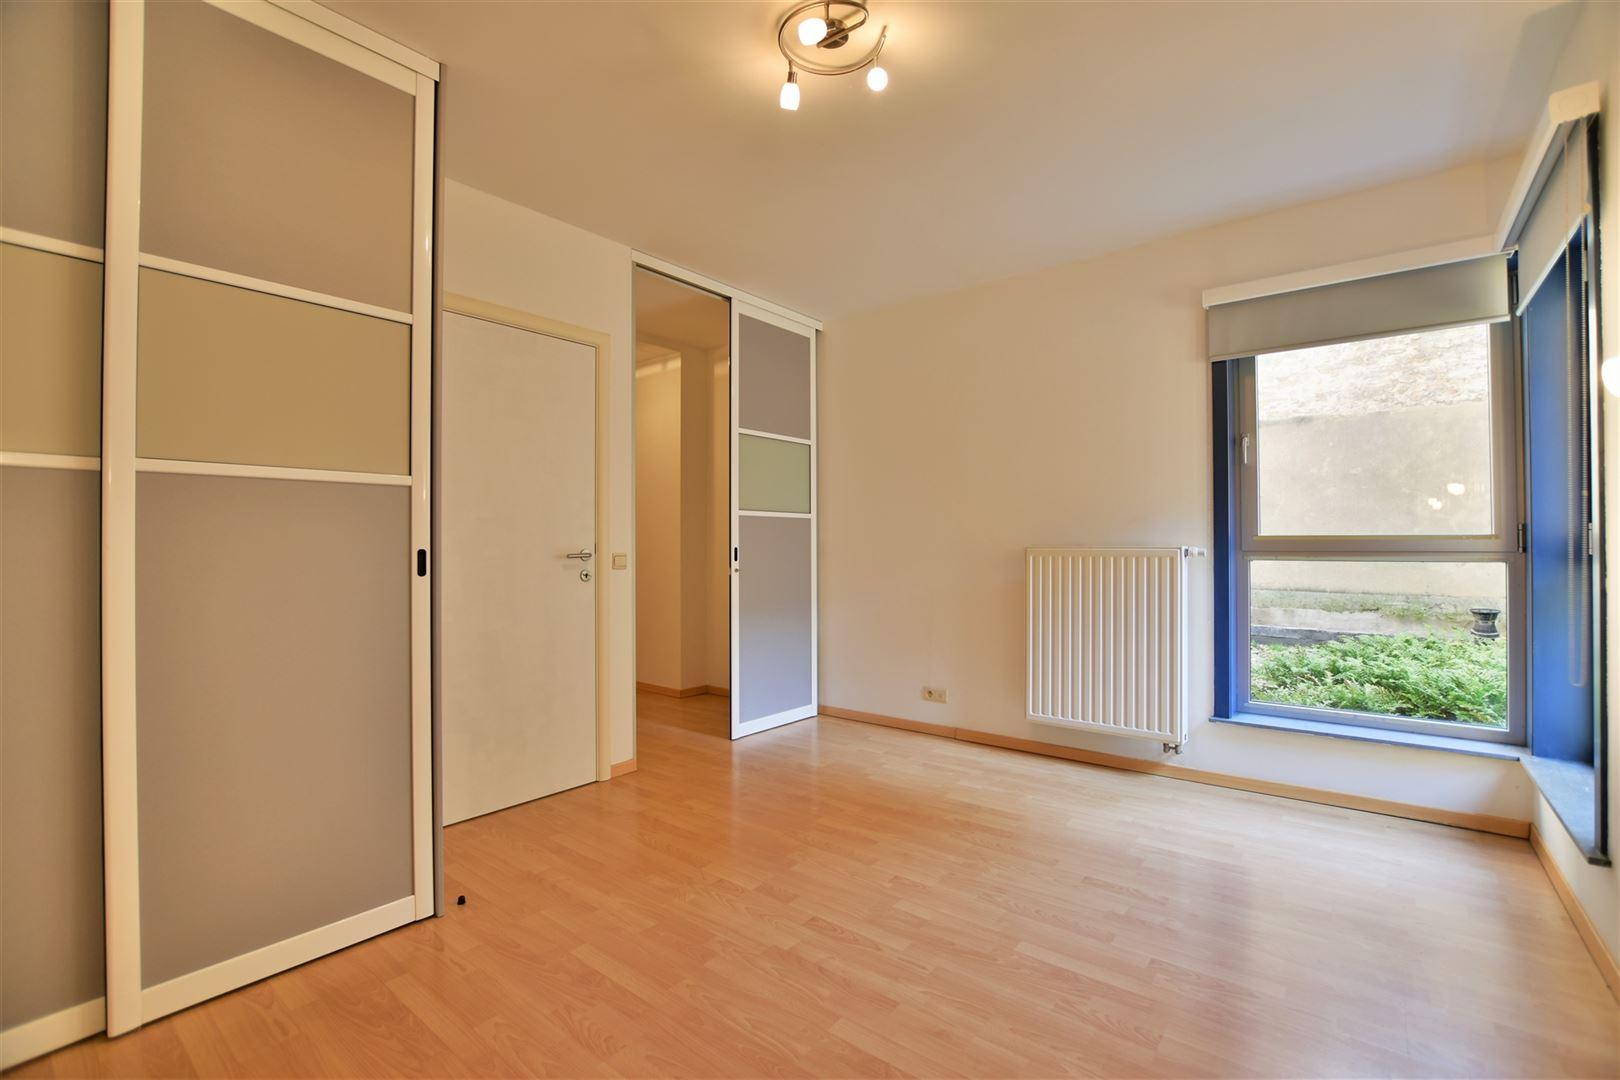 Foto 13 : Appartement te 8400 OOSTENDE (België) - Prijs € 299.000